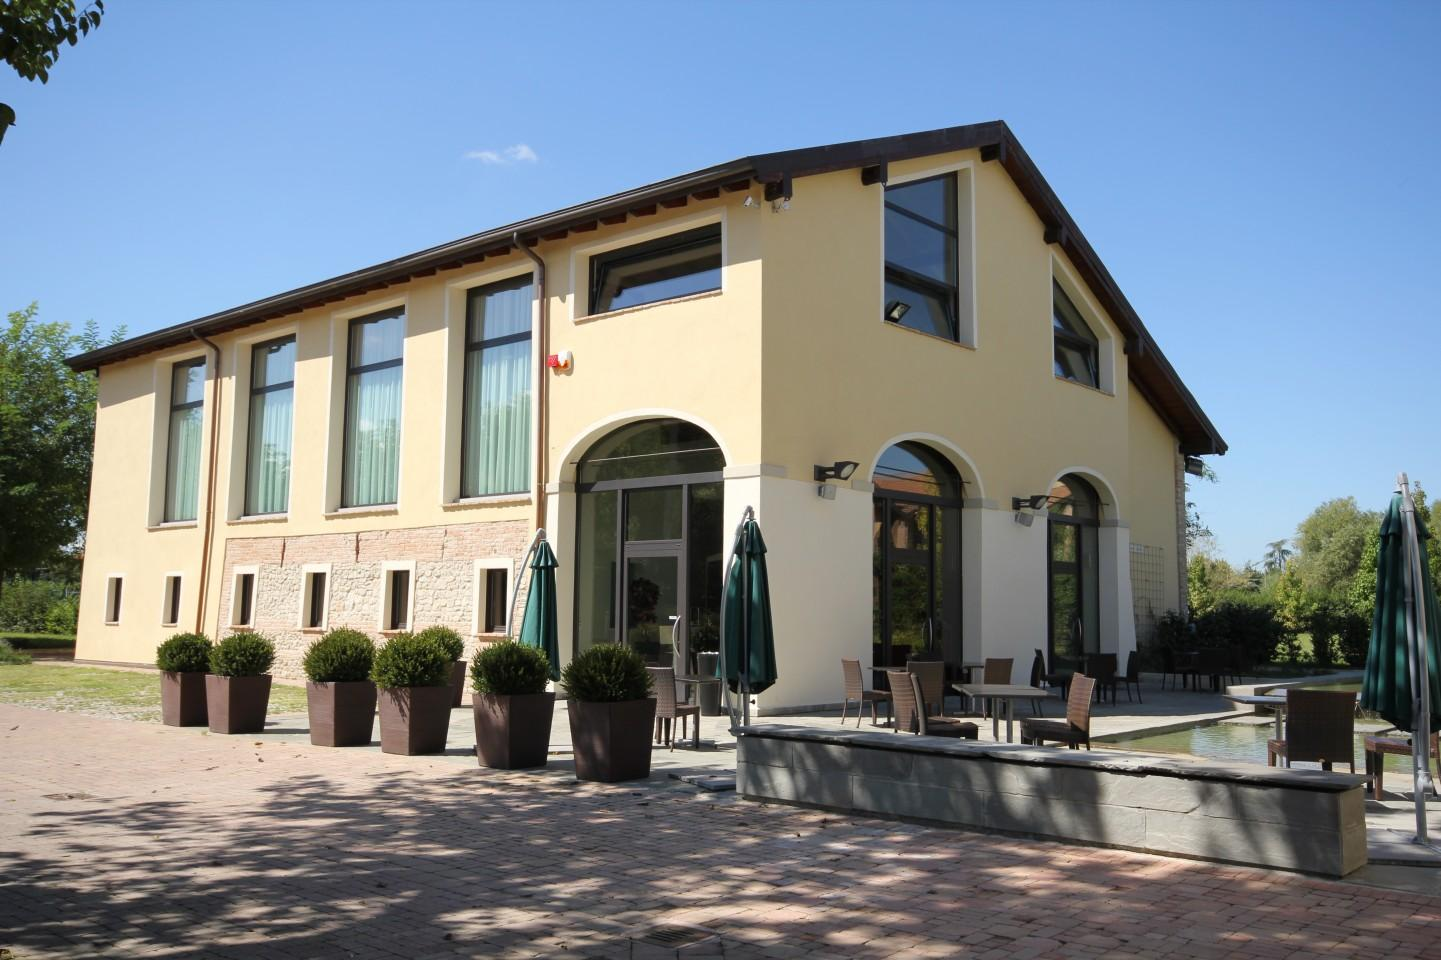 Locanda Sant' Ambrogio